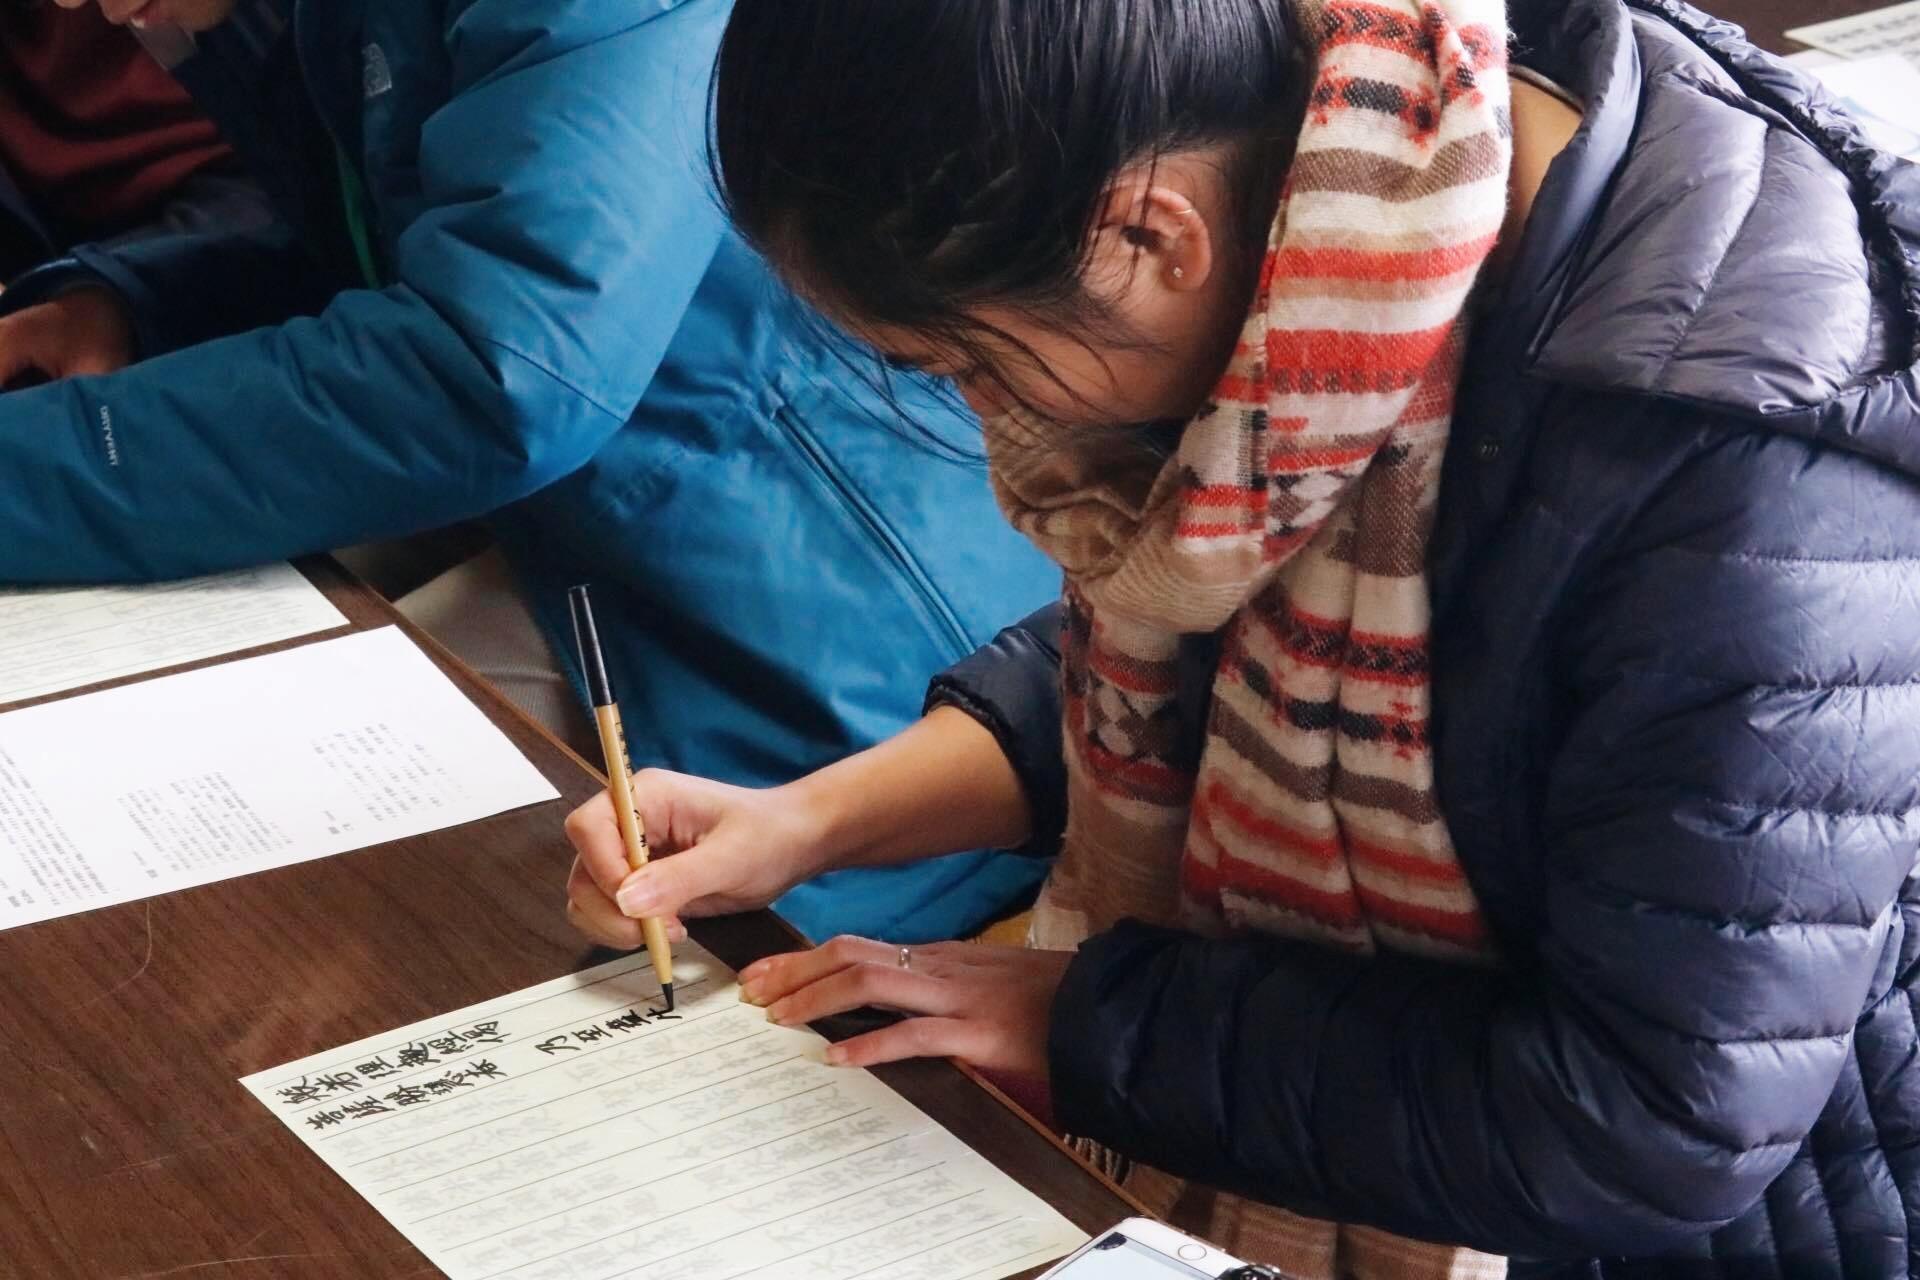 Photo courtesy of the Hokubo Tourism Board